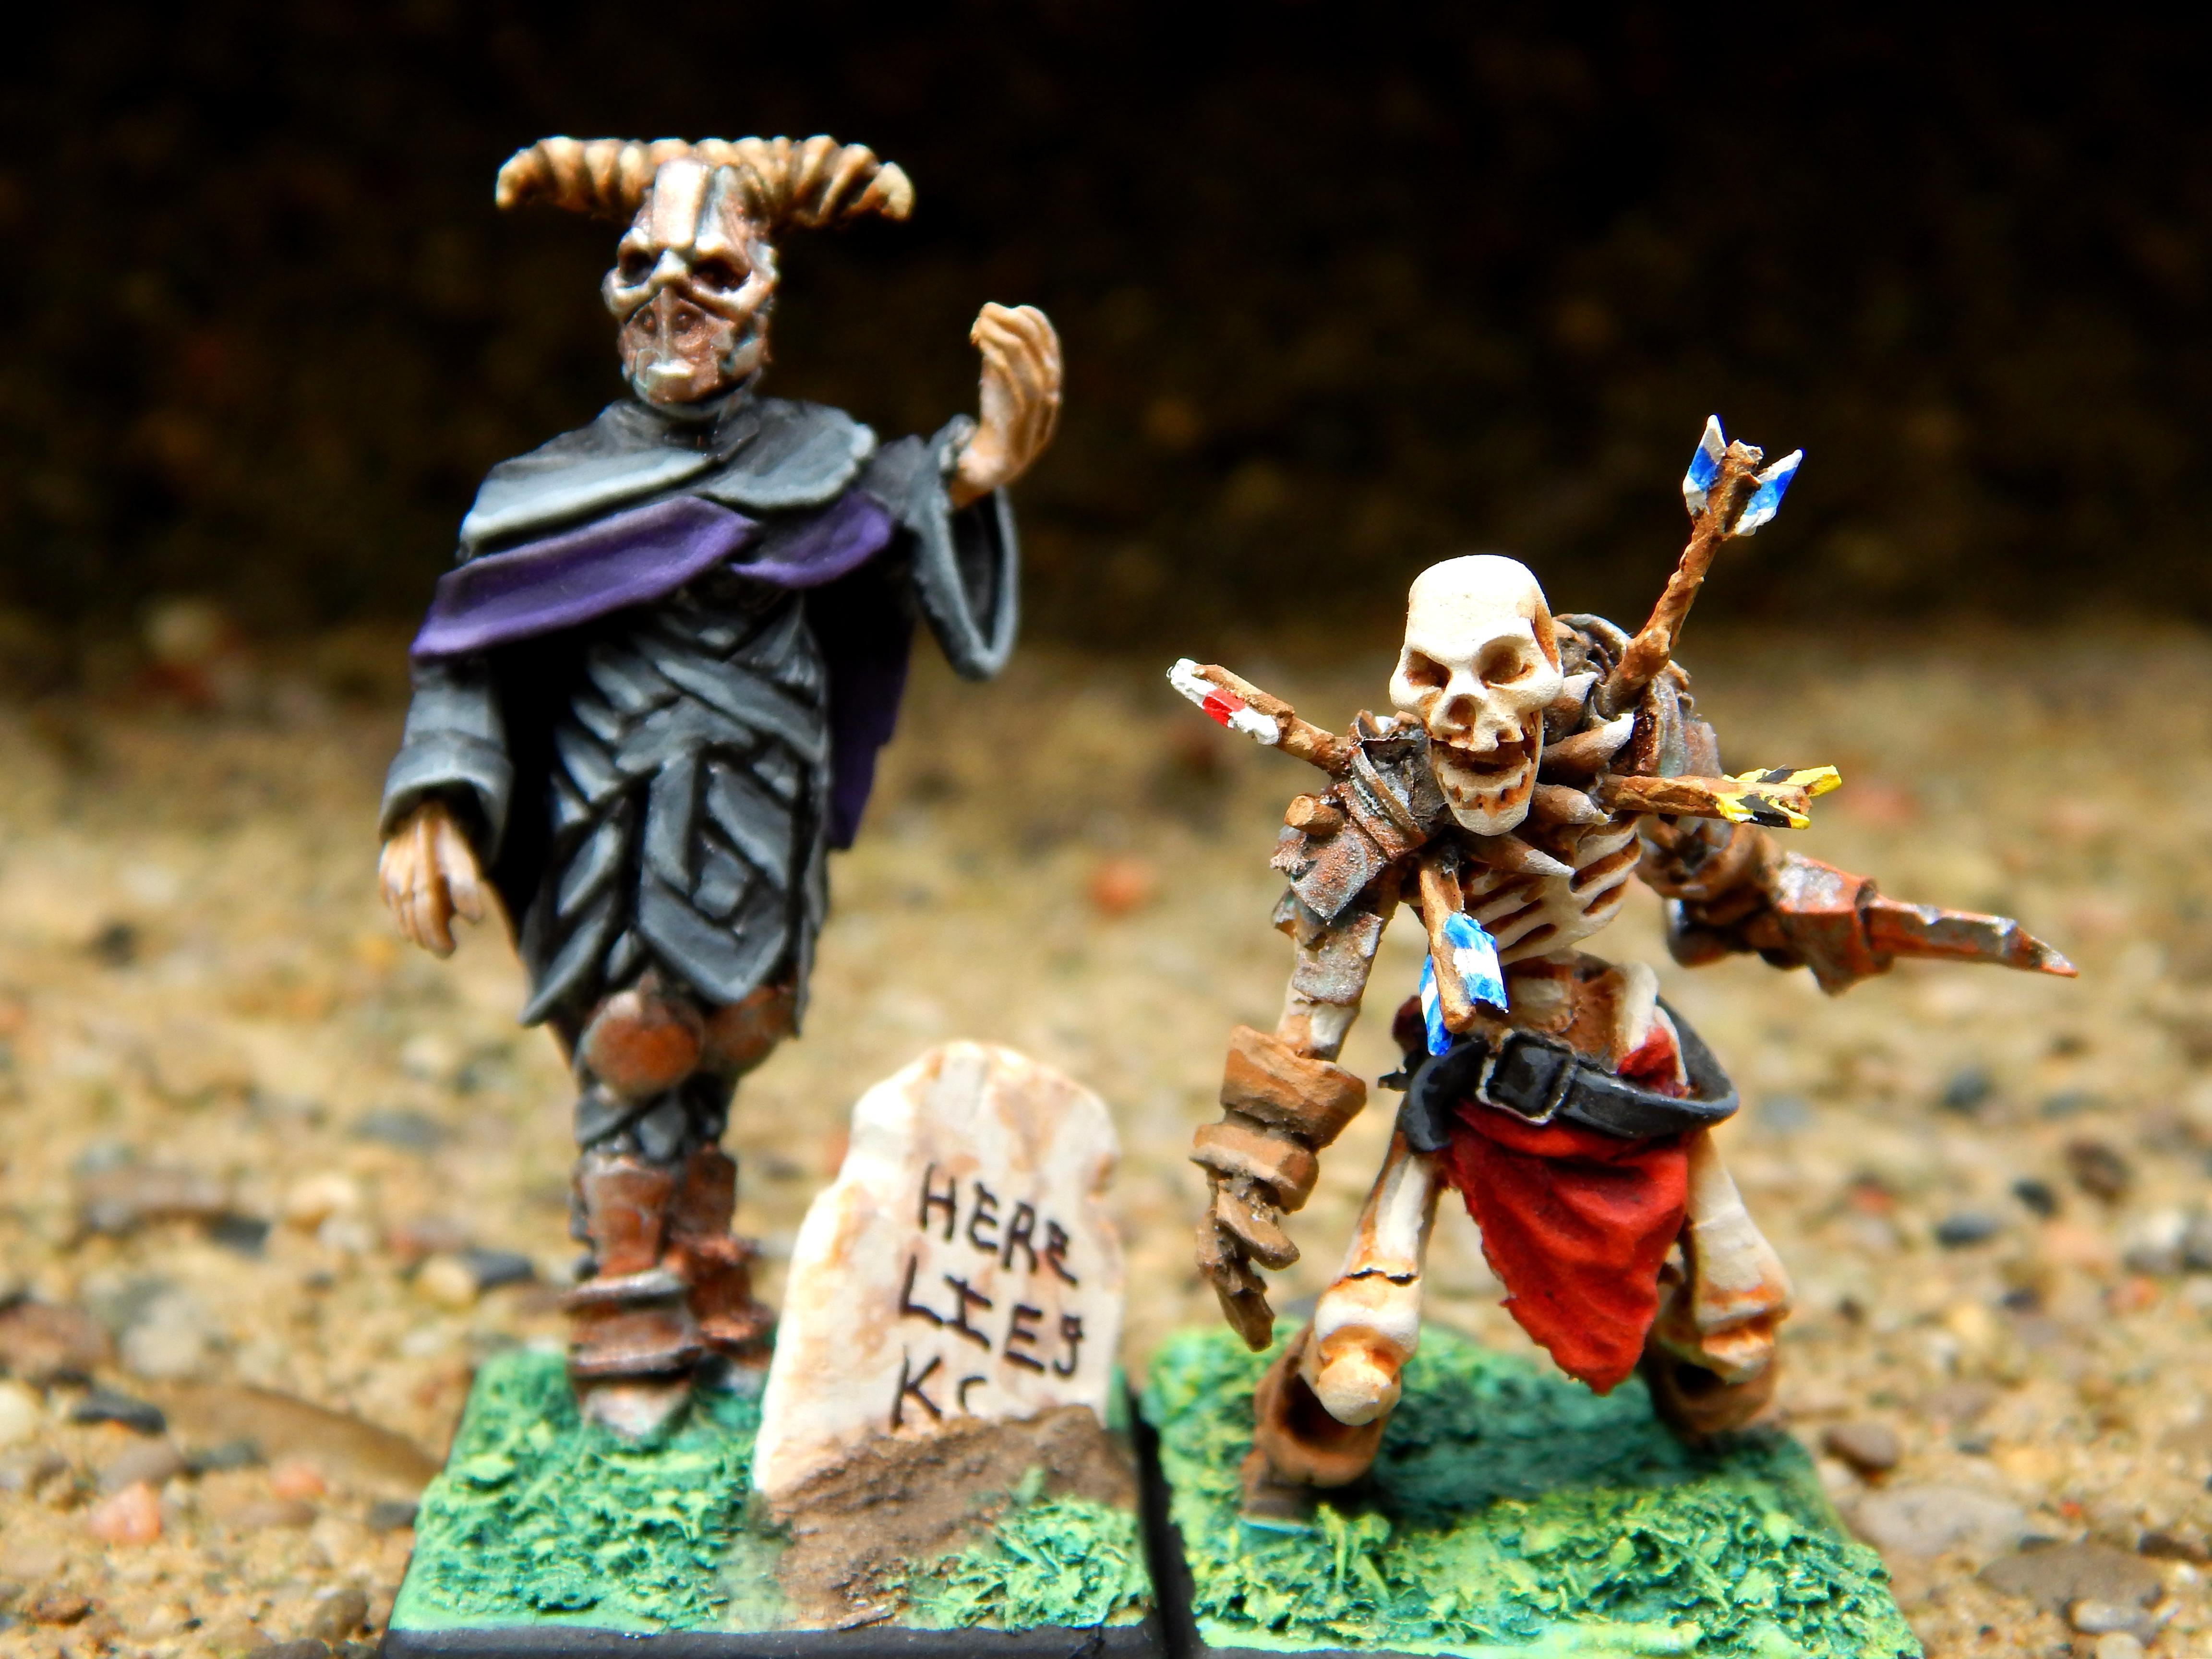 Dark Priest and Warrior